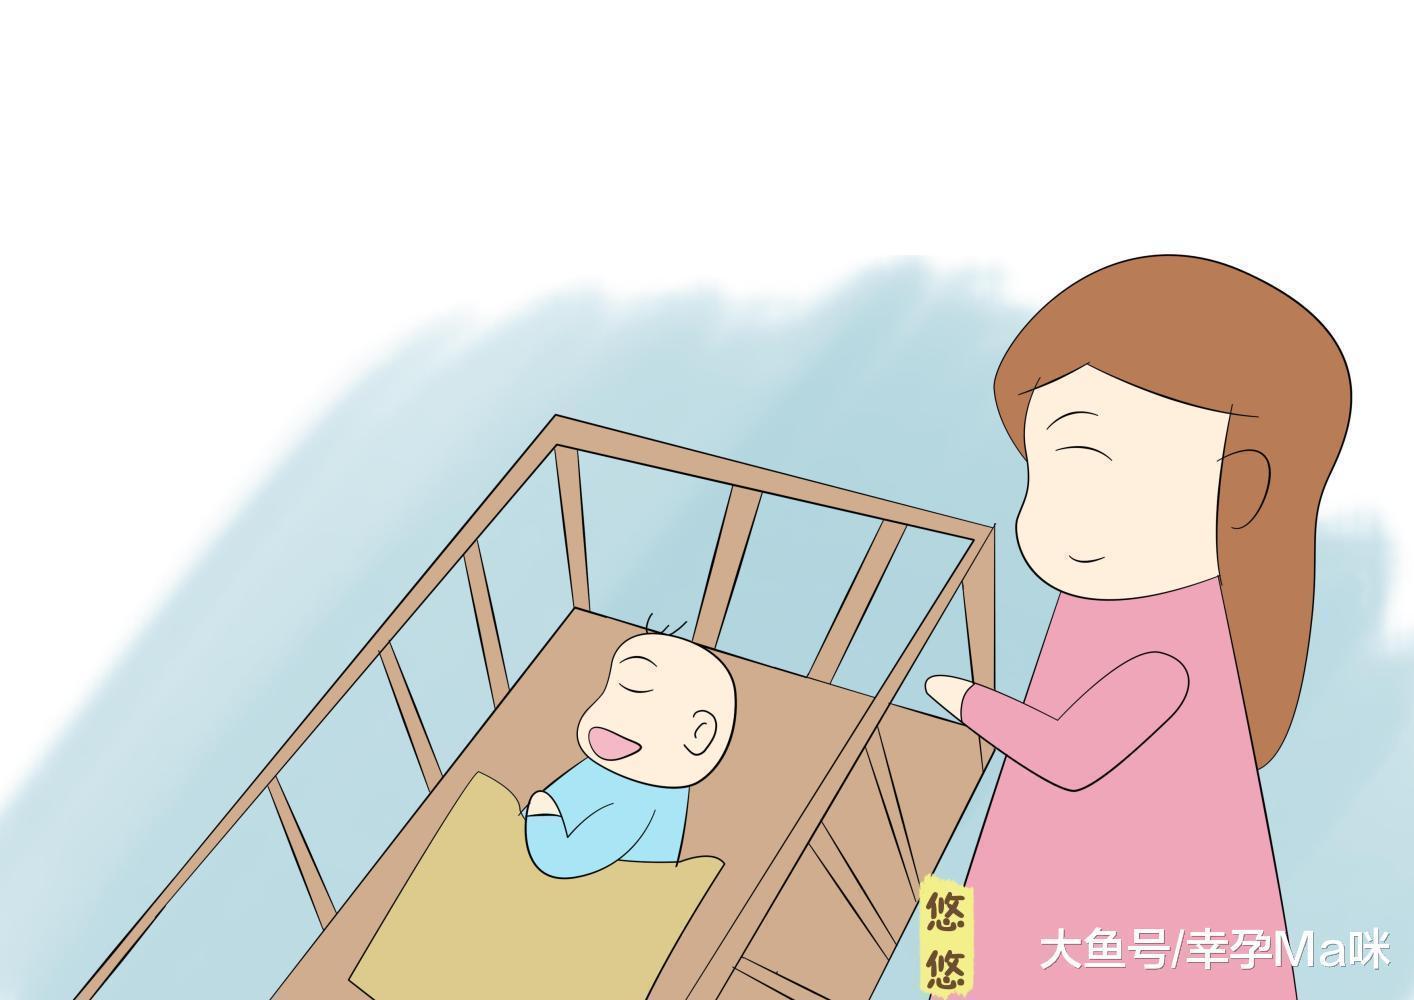 宝宝出生后, 睡这个位置更合适, 不少新妈妈做错了